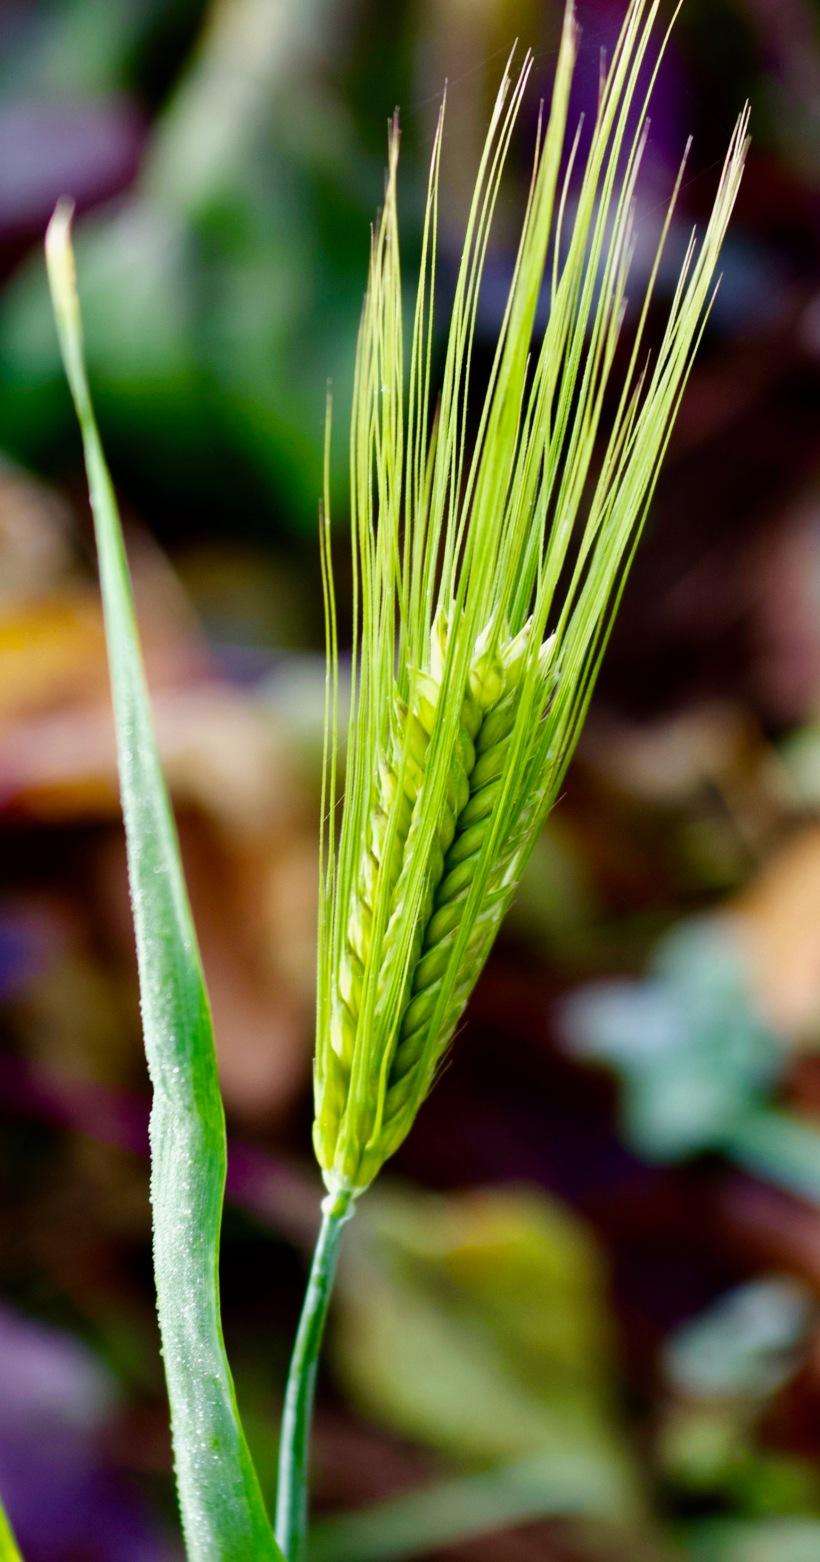 barleygarden22